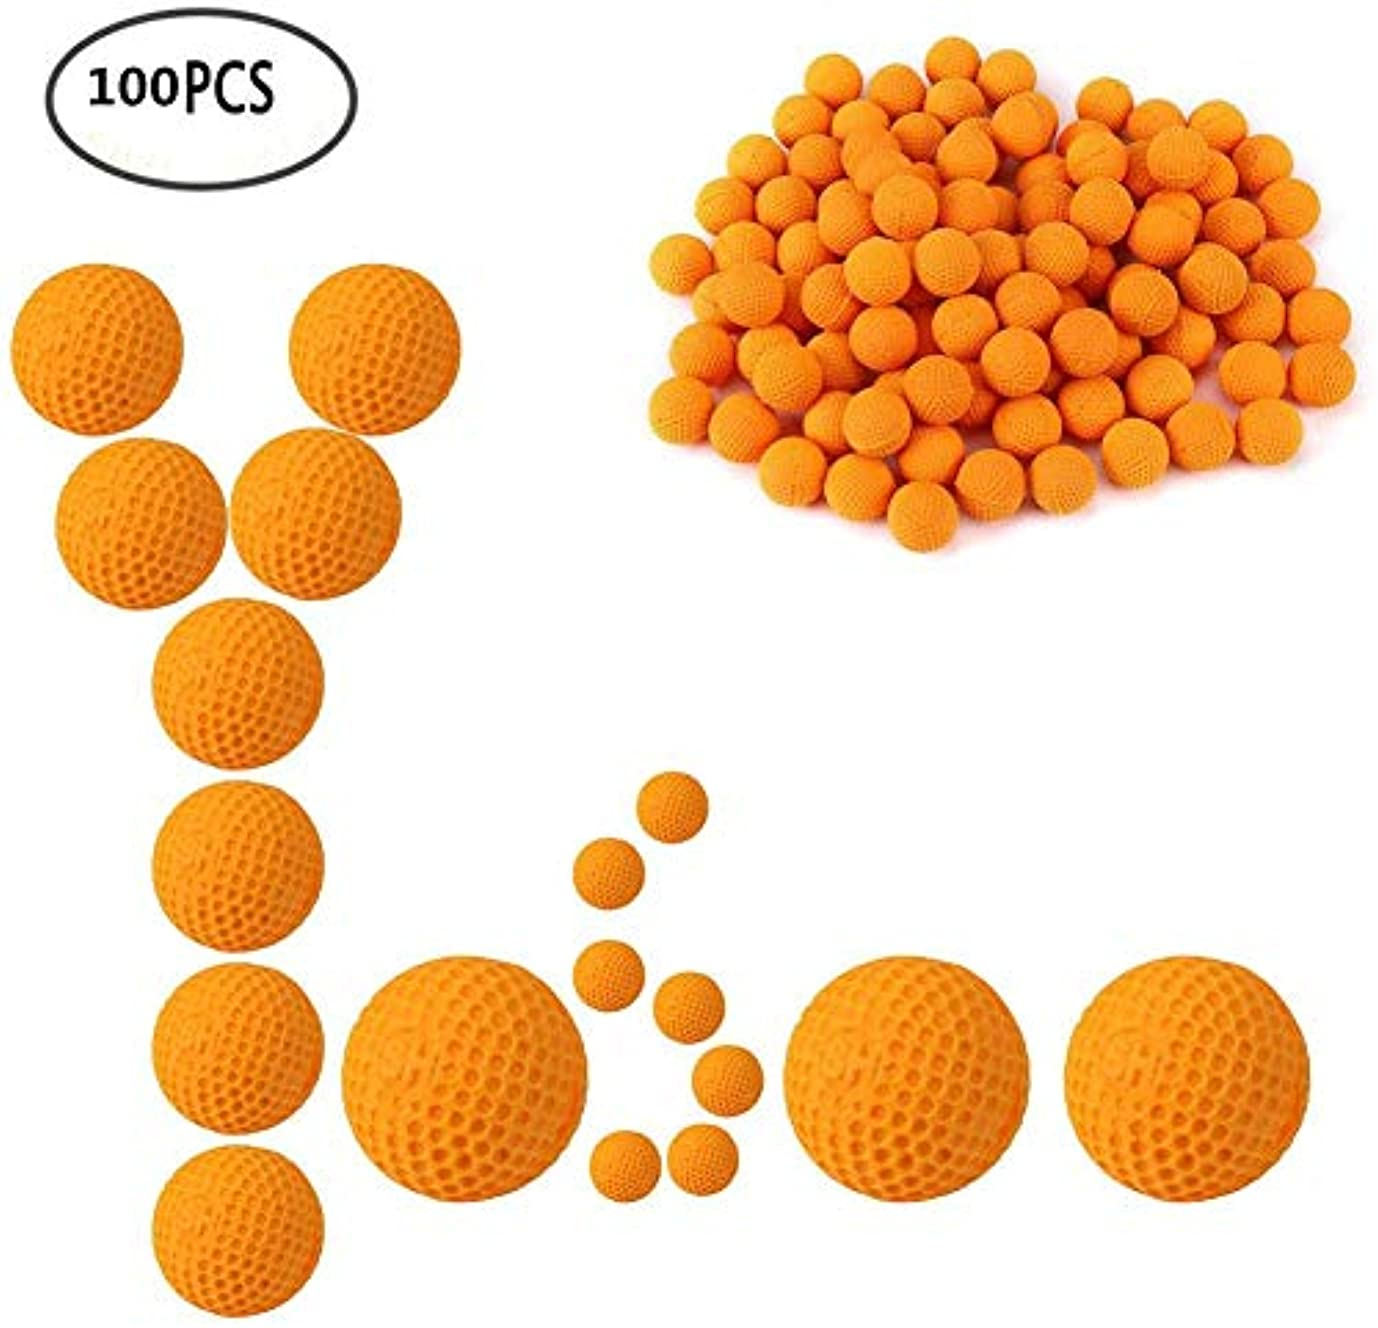 言い聞かせる壮大な覚醒100pcs ガン弾丸ボール ナーフライバル用 替え玉 ボール 弾丸 おもちゃガン弾丸ボールり 交換安全 子供おもちゃガン用 (オレンジ)